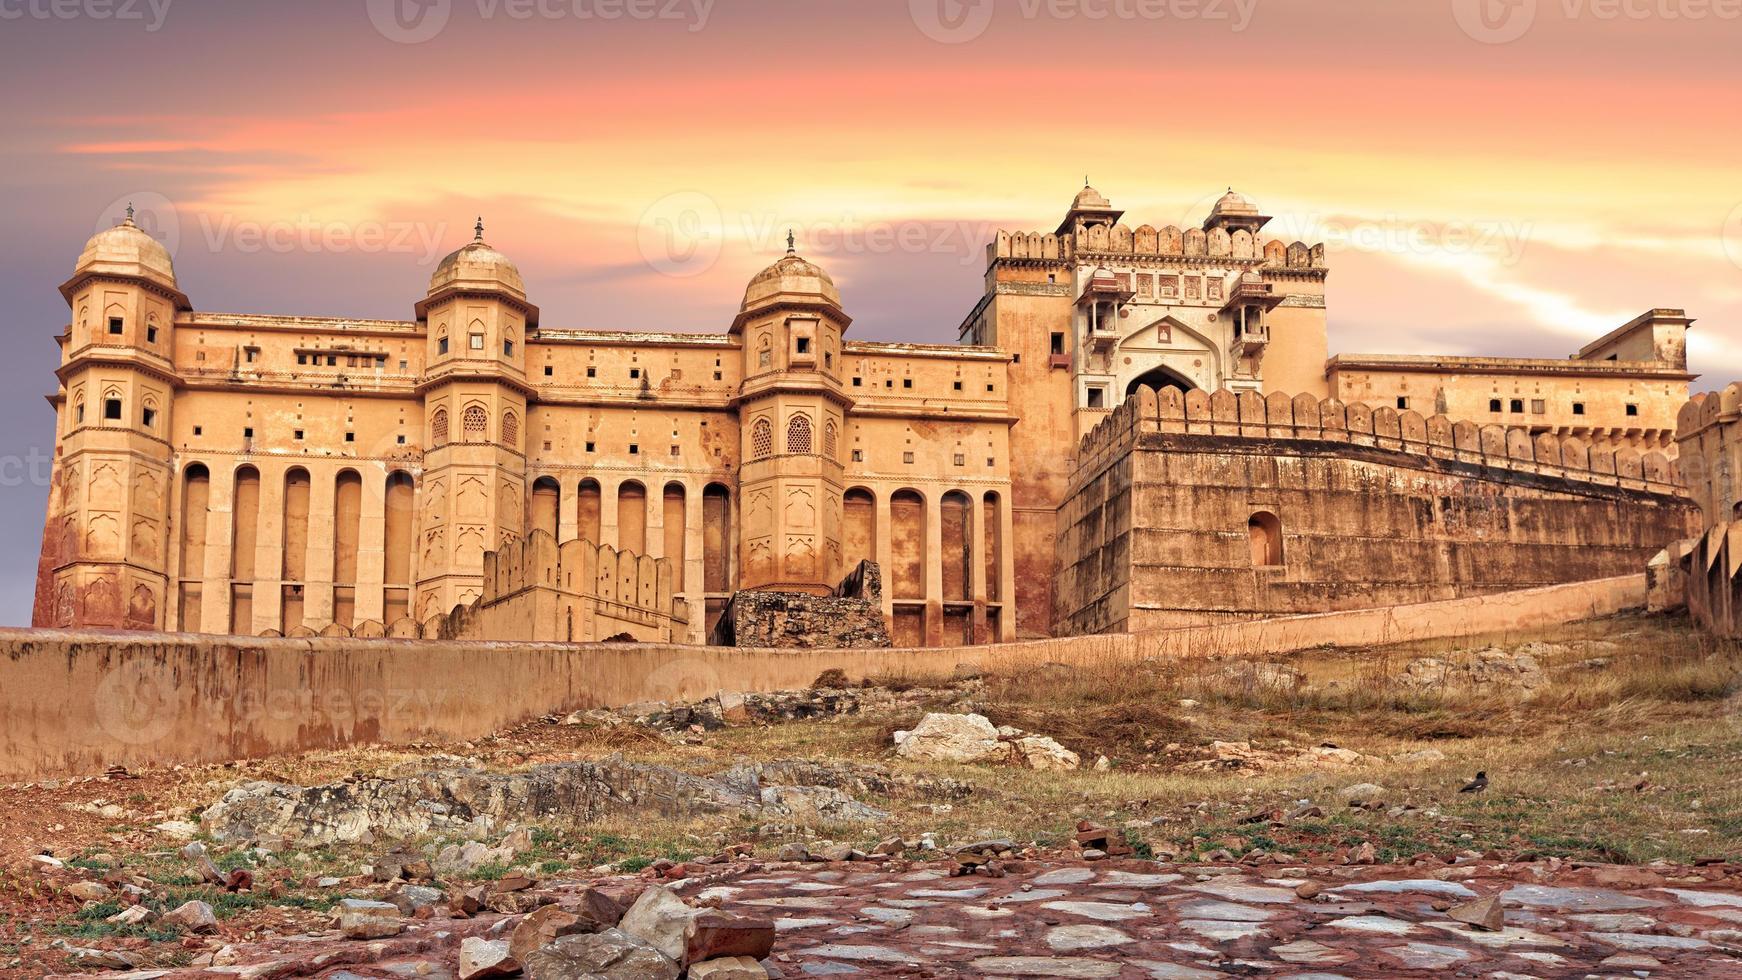 Vista del Fuerte Amber, Jaipur, India foto